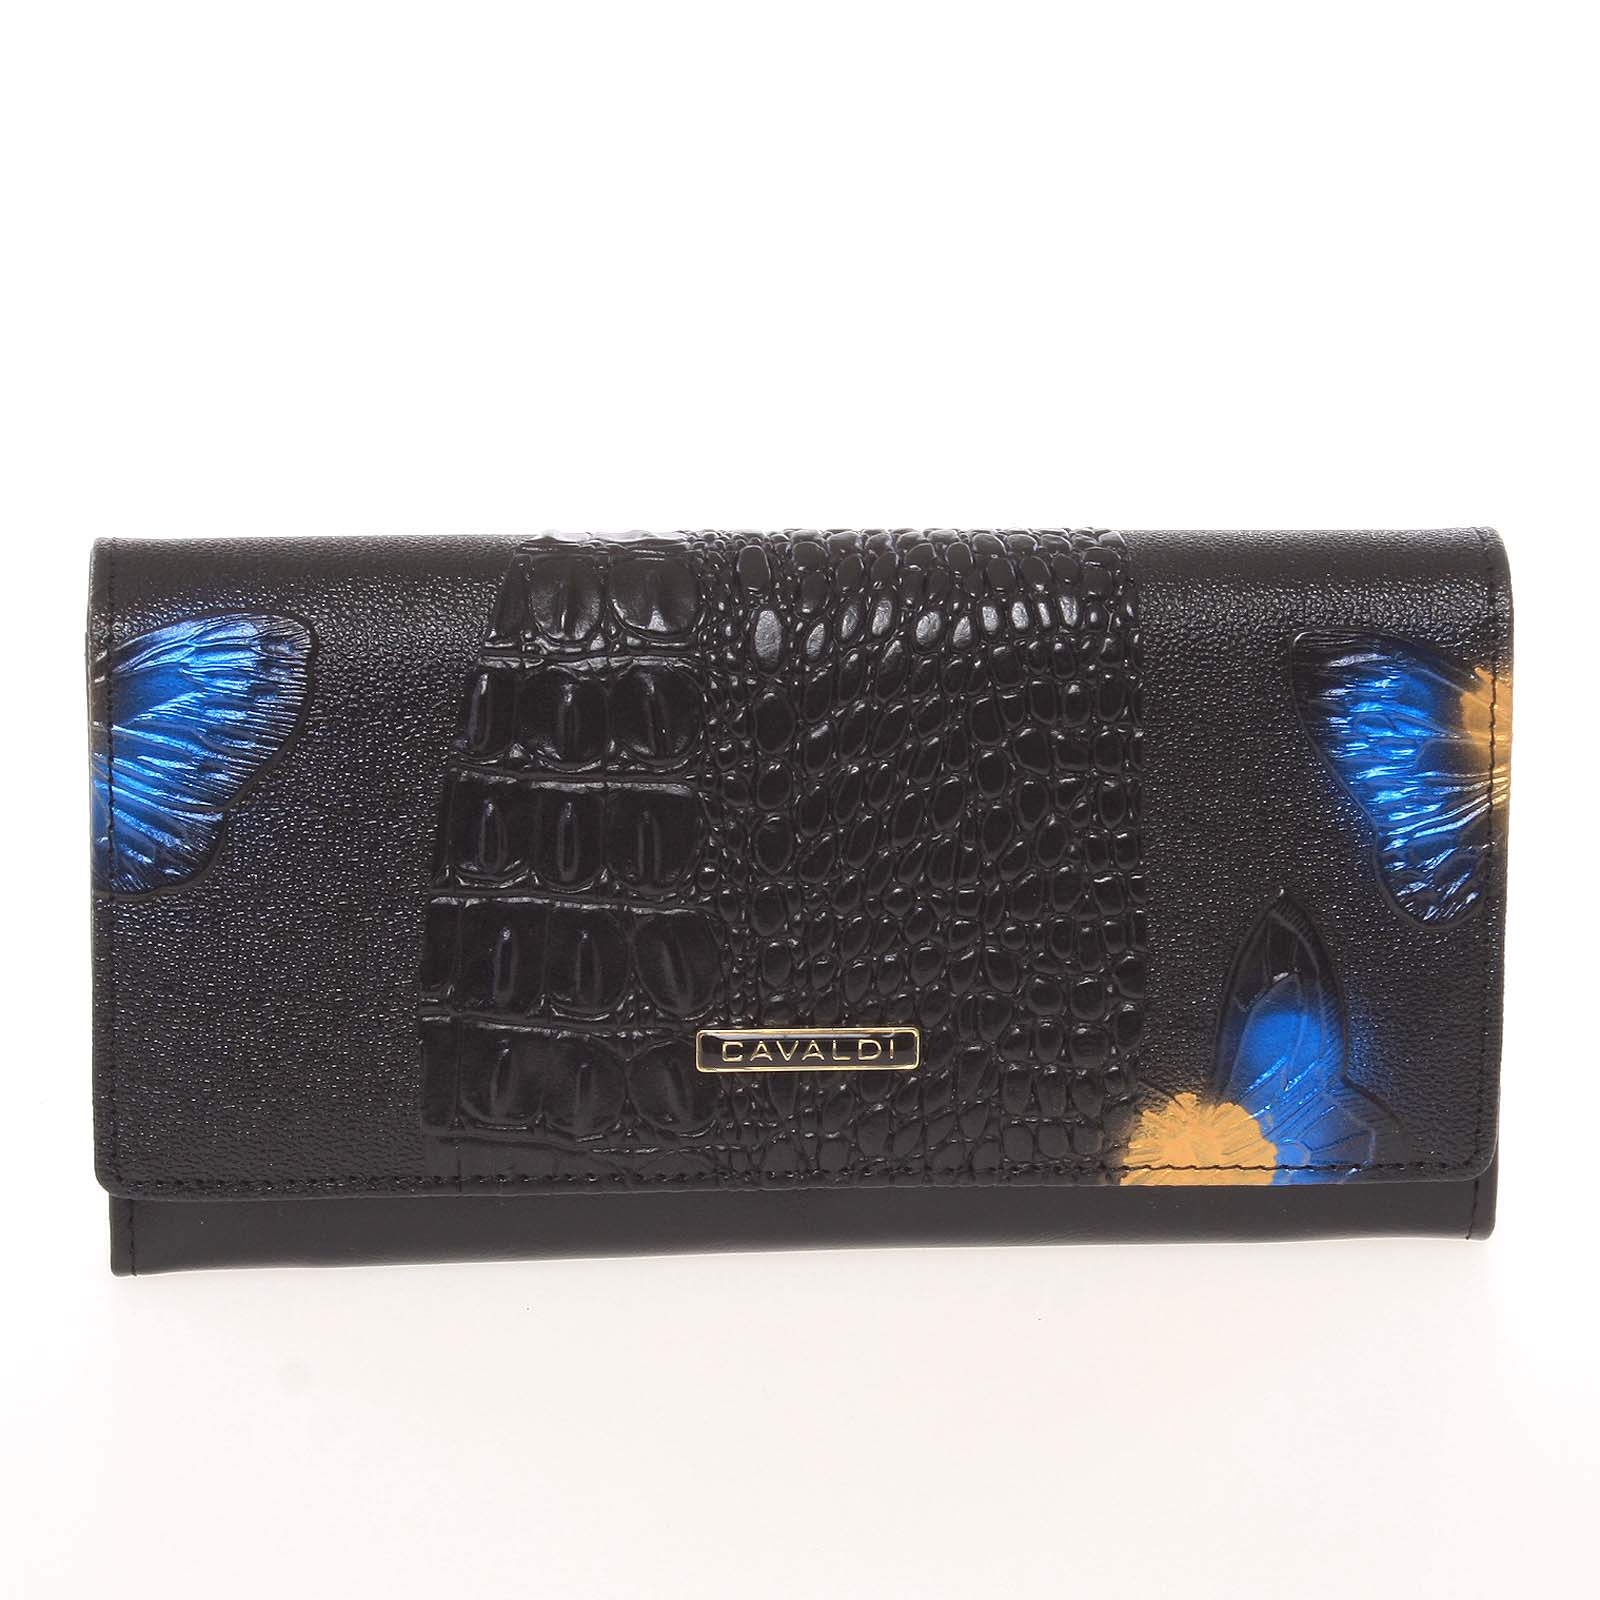 Dámská polokožená modrá peněženka se vzorem - Cavaldi PN22BFC modrá